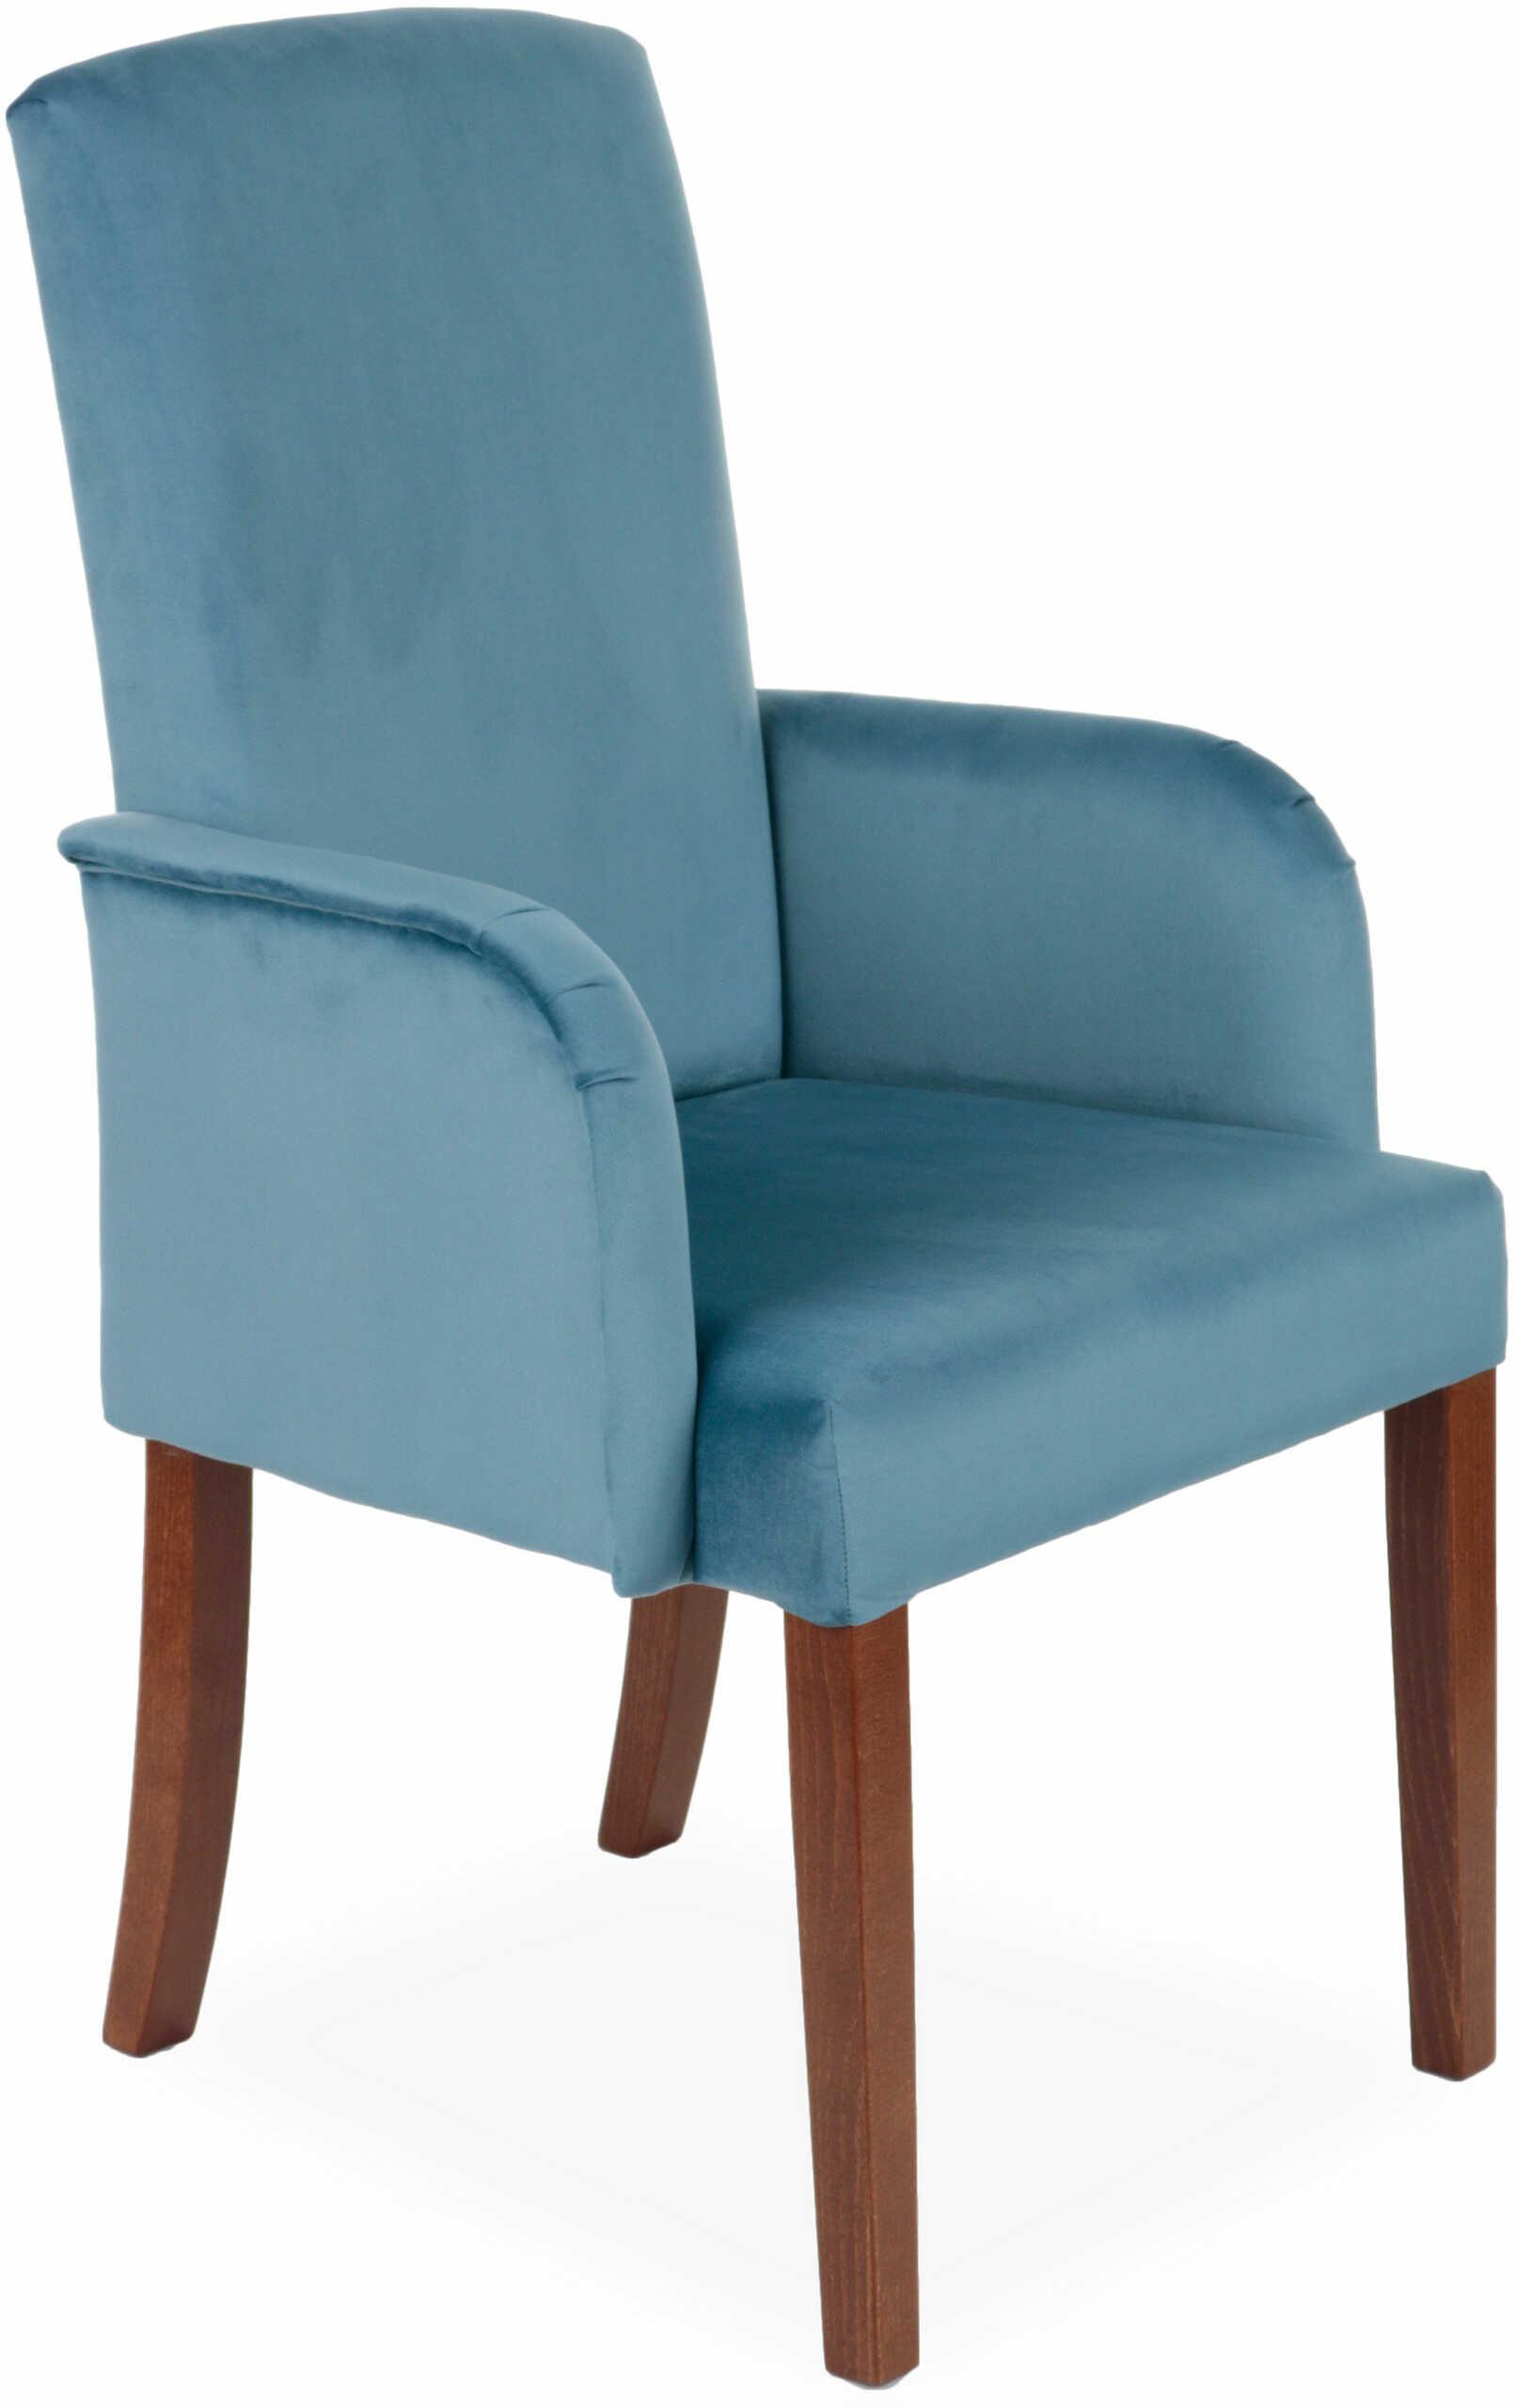 Fotel Astoria, klasyczny, wygodny, tapicerowany, do domu, do restauracji, stylowy